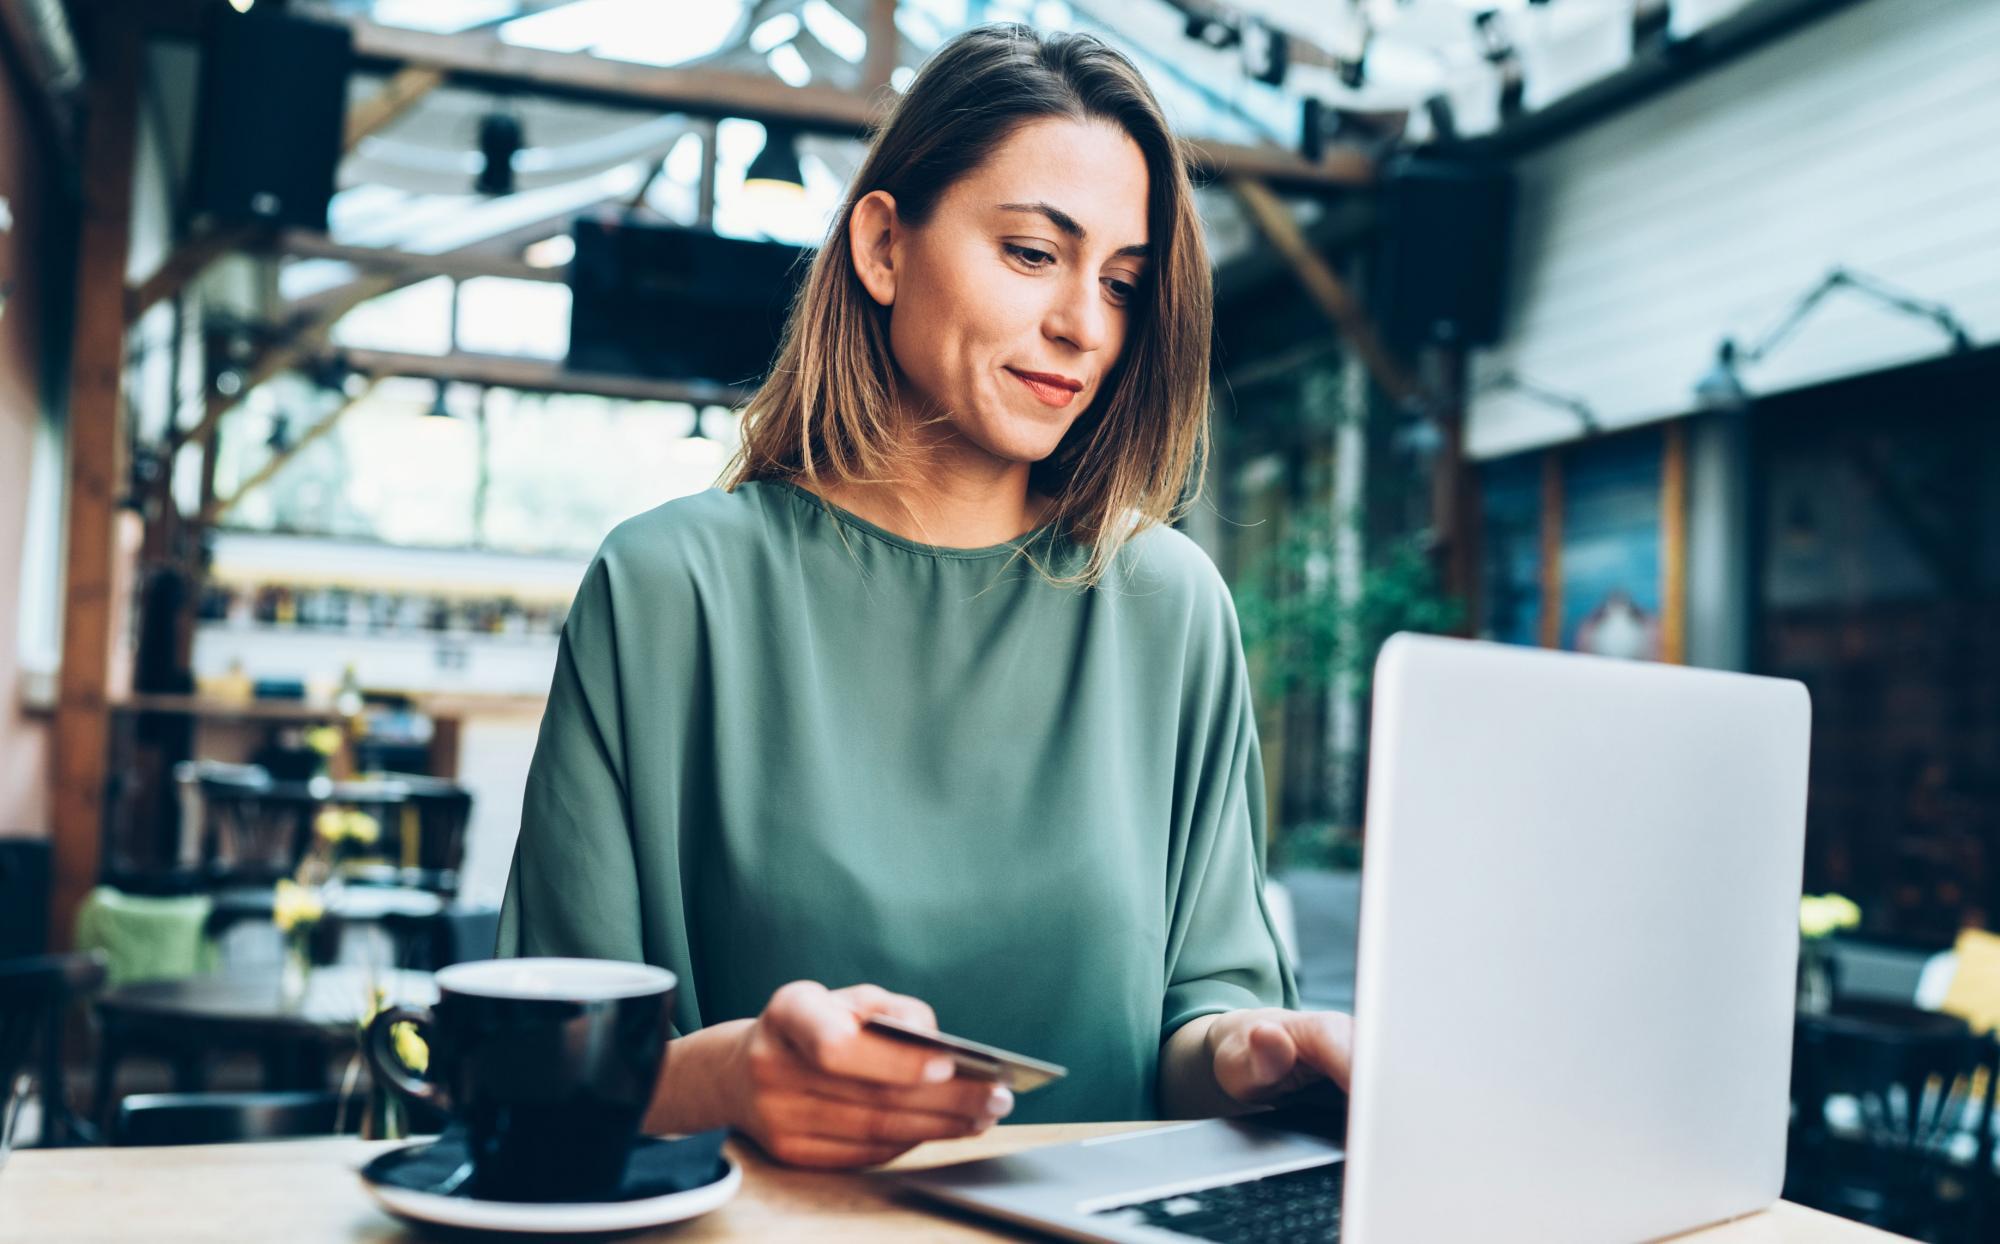 Darum ist Online-Shopping viel nachhaltiger als gedacht